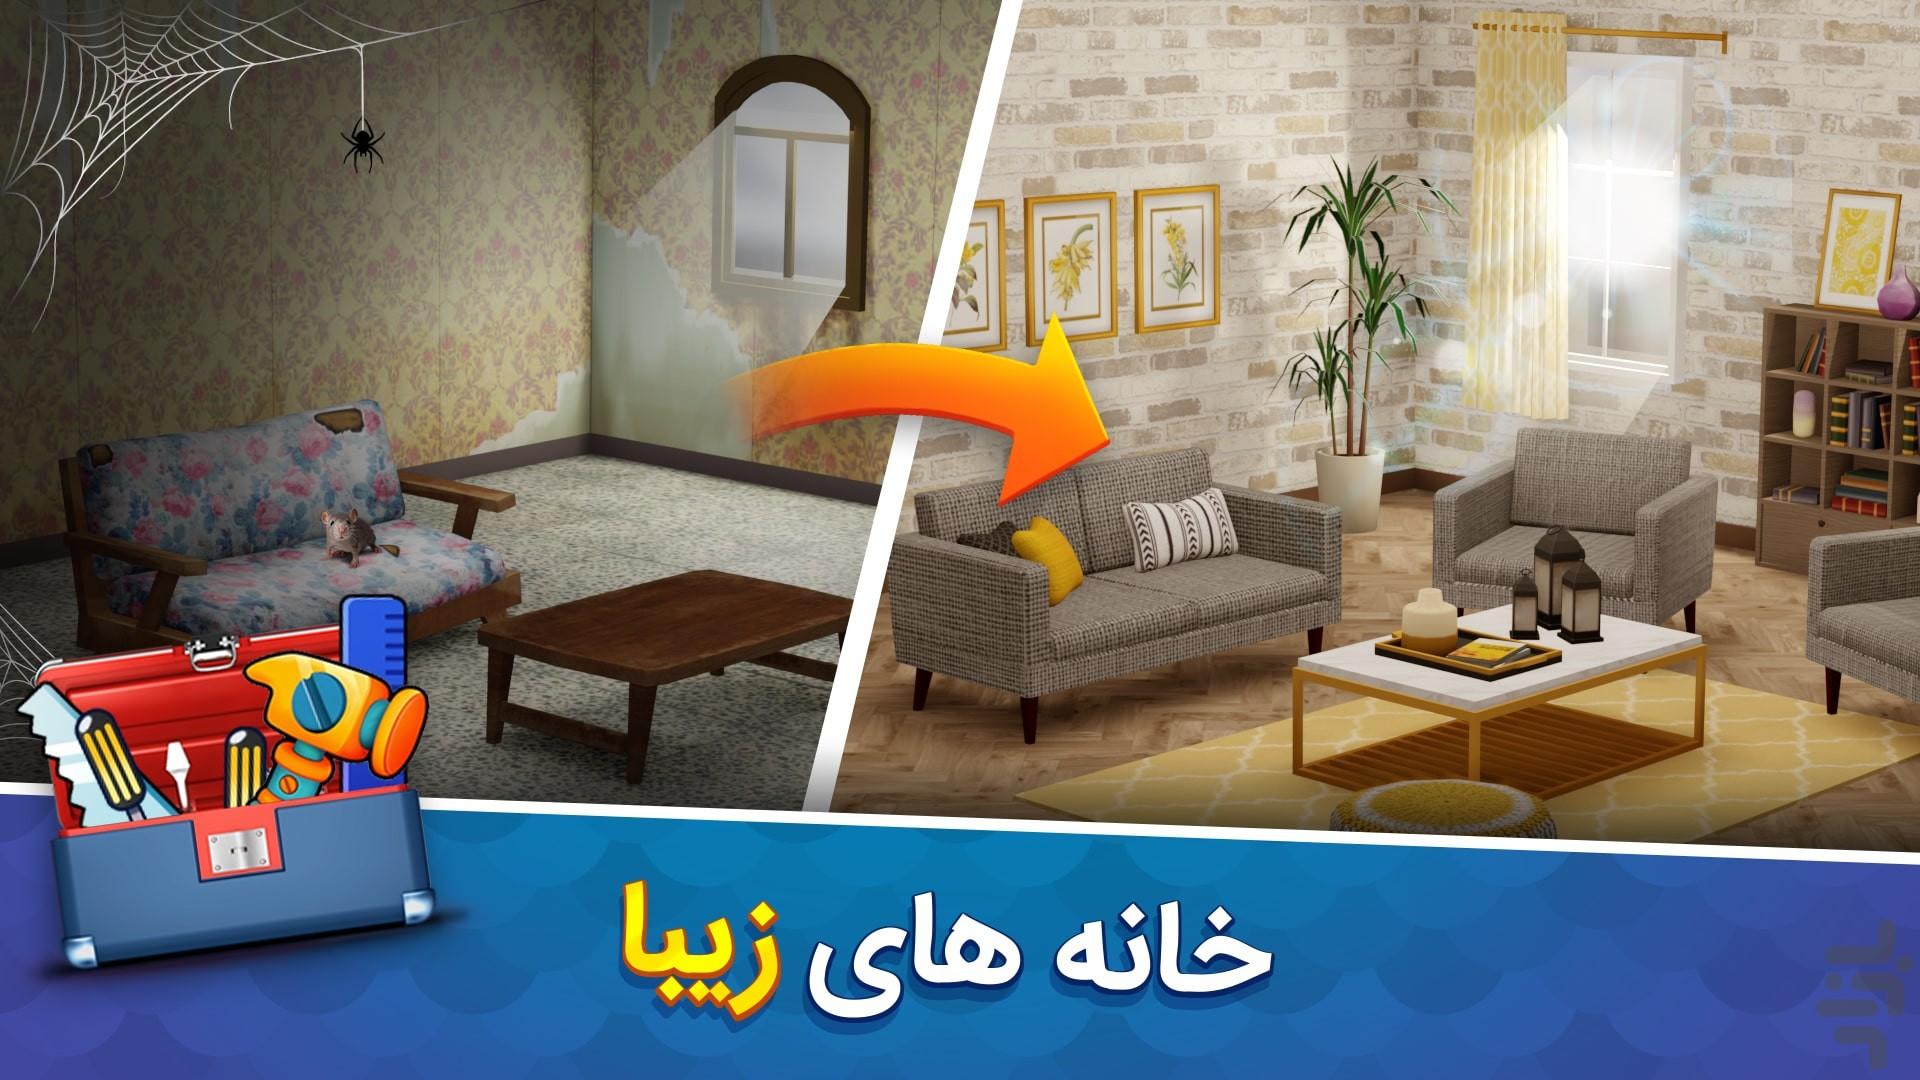 دانلود بازی طراحی خانه در موبایل